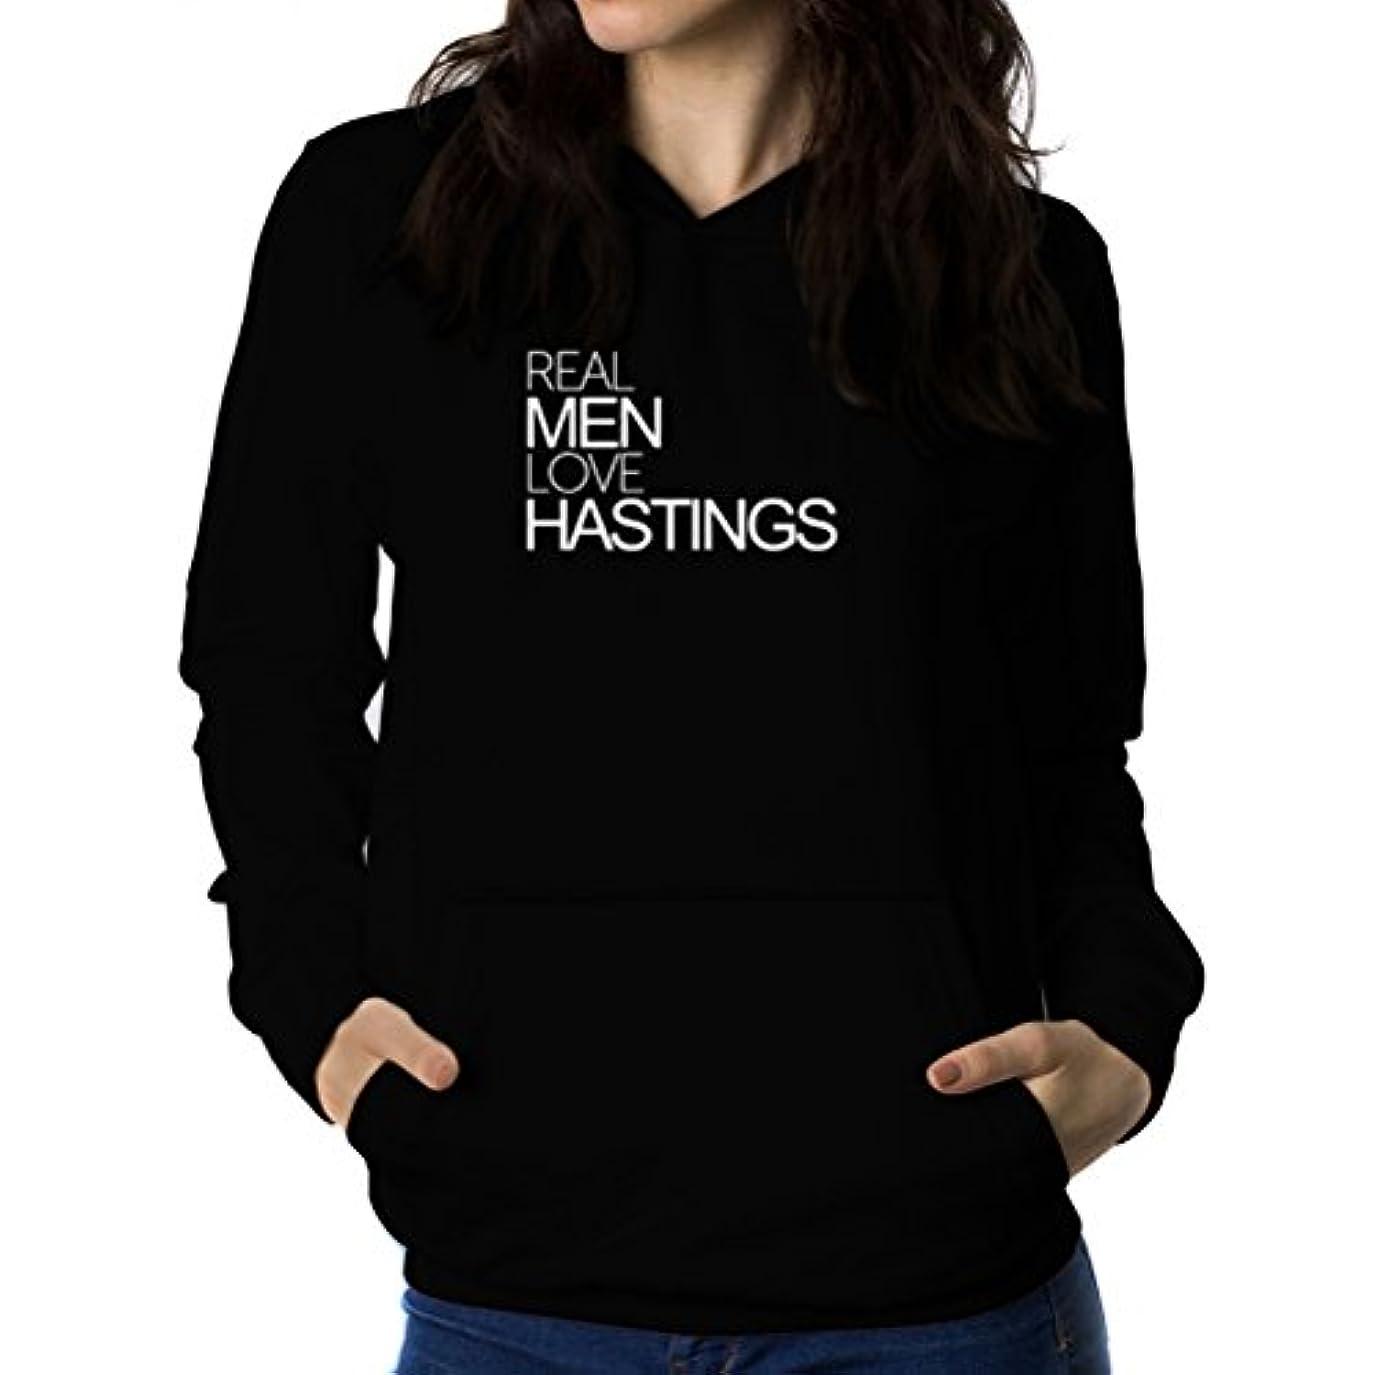 要塞書き込み安西Real men love Hastings 女性 フーディー